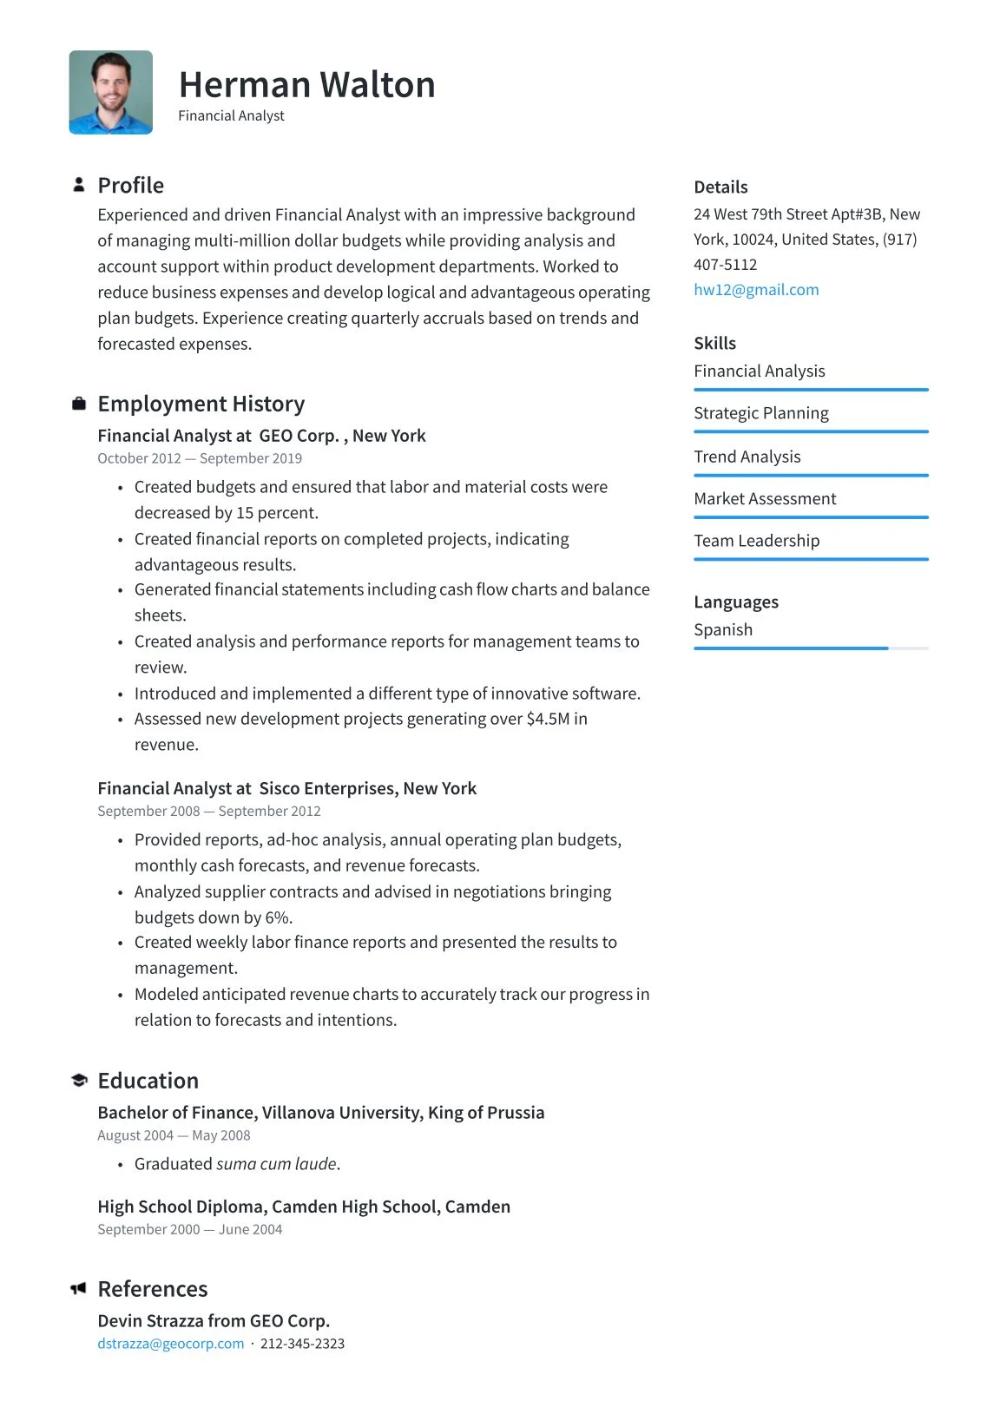 Resume Pdf Maker Apk